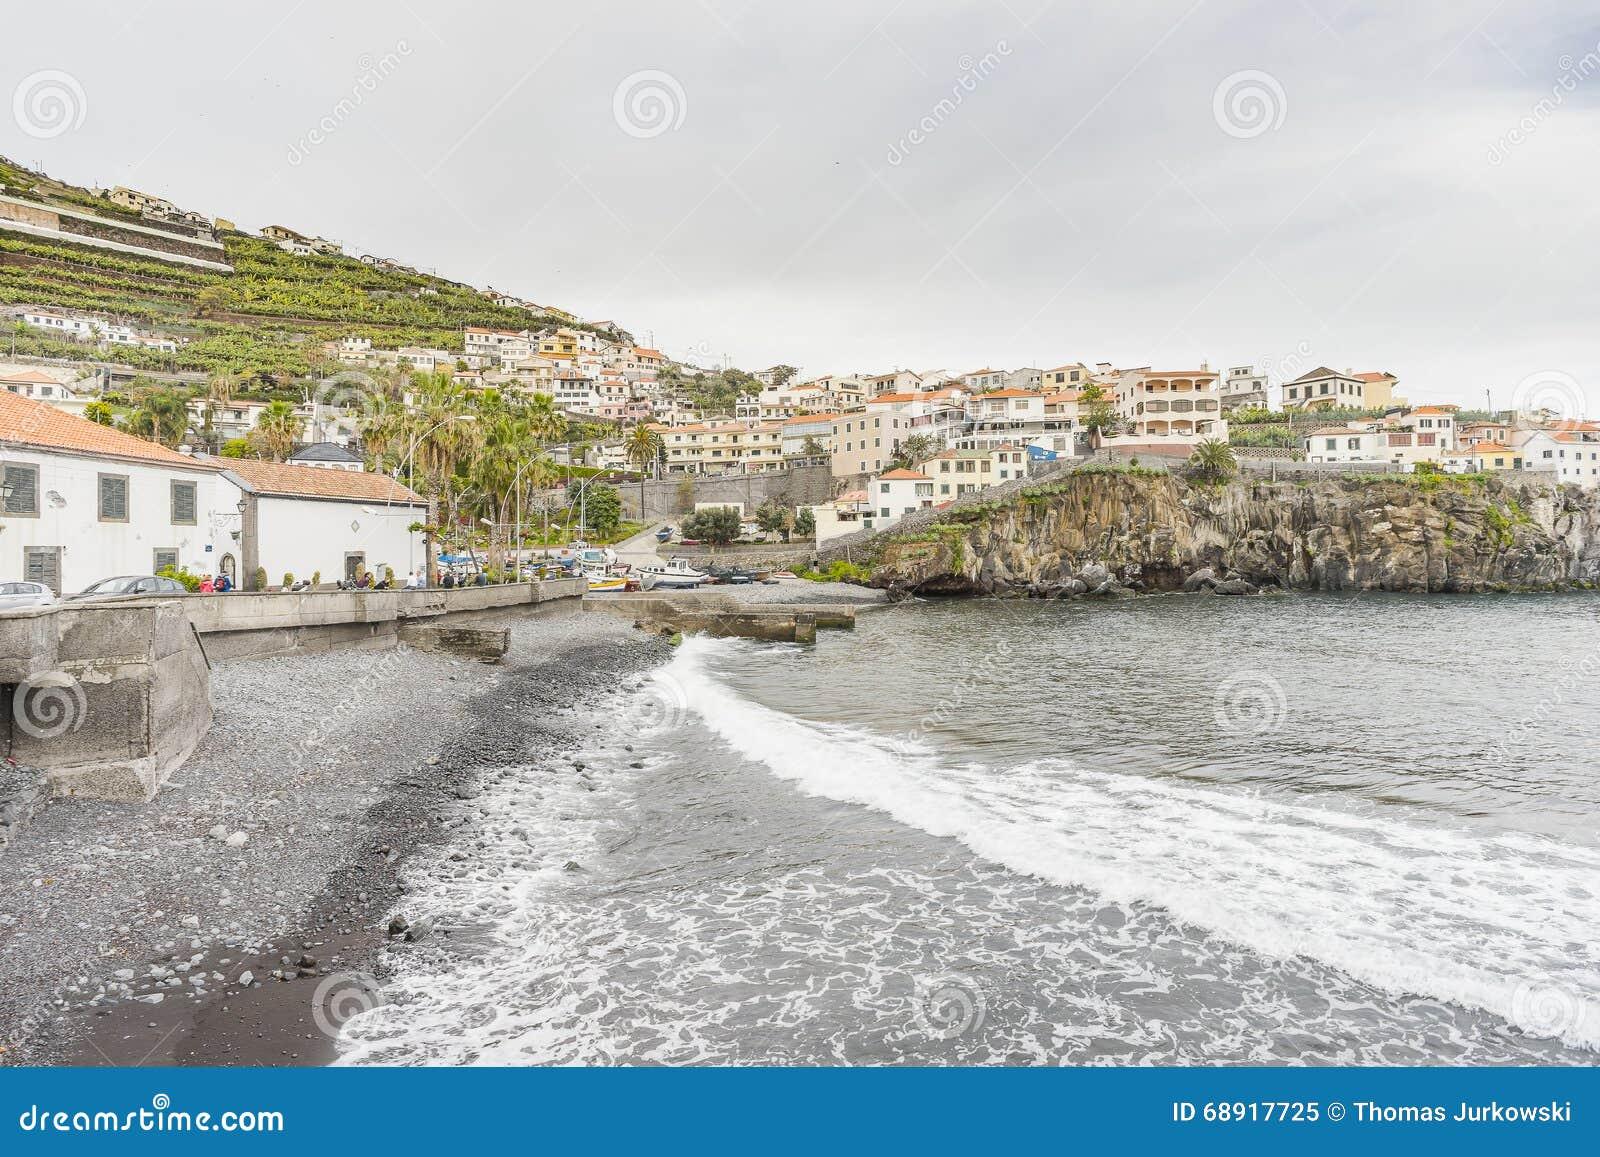 Port In Camara De Lobos Editorial Image - Image: 68917725